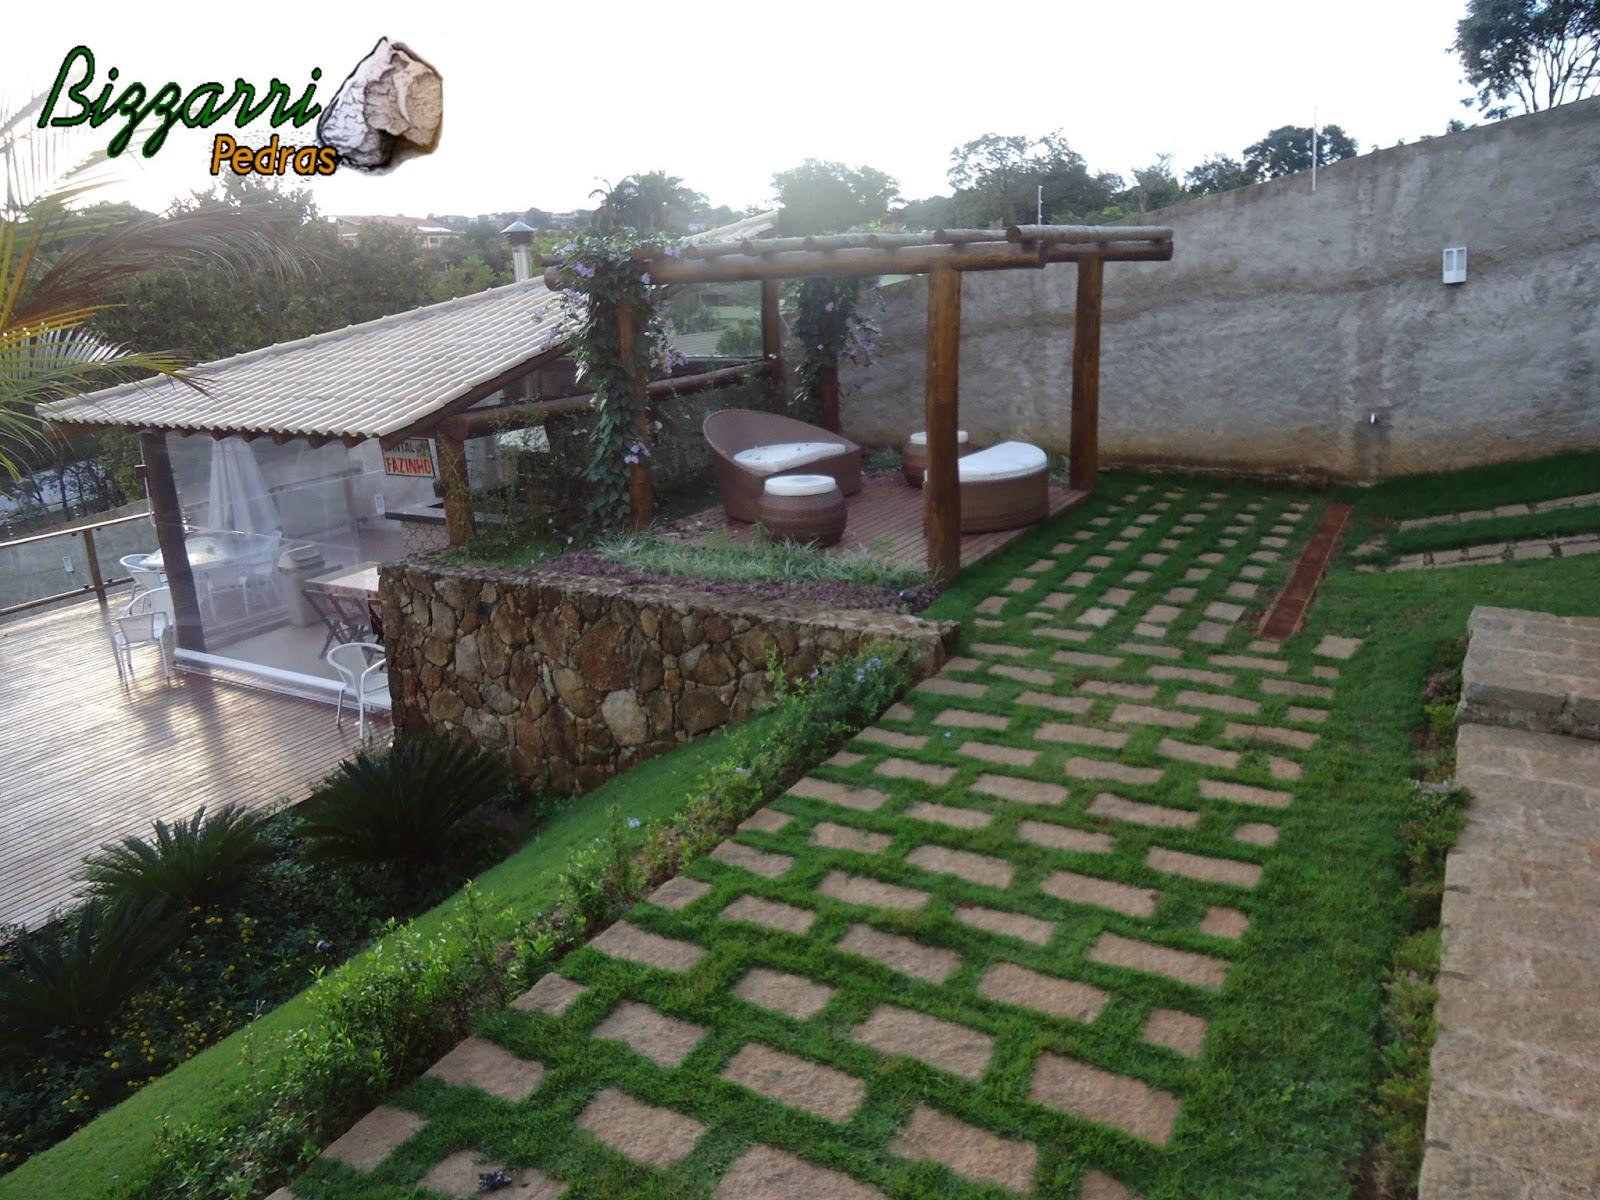 Calçamento com pedras folhetas com junta de grama esmeralda junto com o pergolado de madeira de eucalipto tratado.